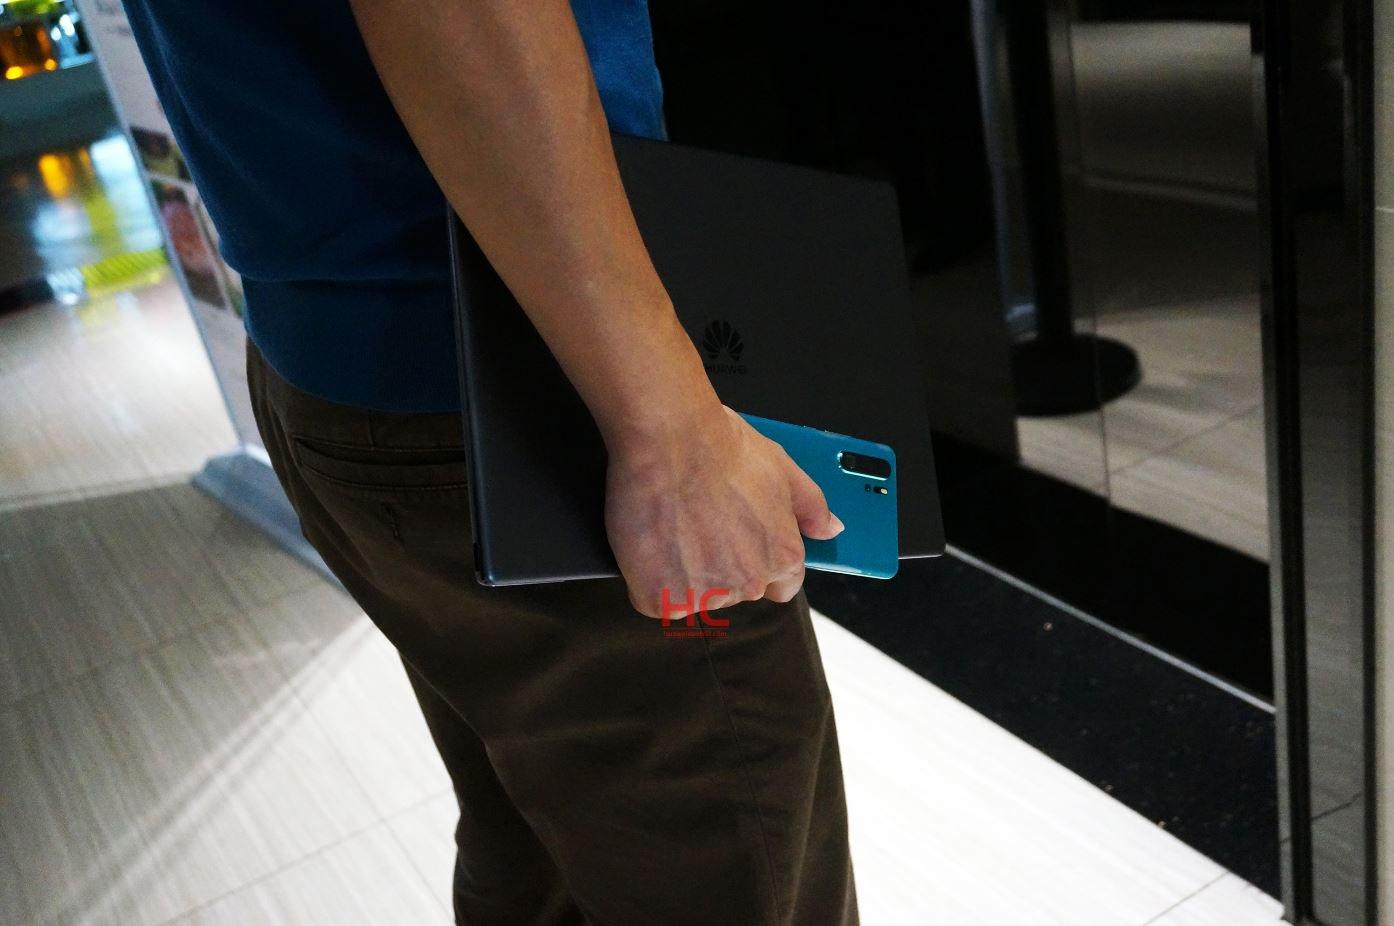 Sforum - Trang thông tin công nghệ mới nhất Huawei-P30-Pro-Peacock-Blue Huawei P30 Pro sắp có thêm phiên bản màu Peacock Blue đẹp mắt